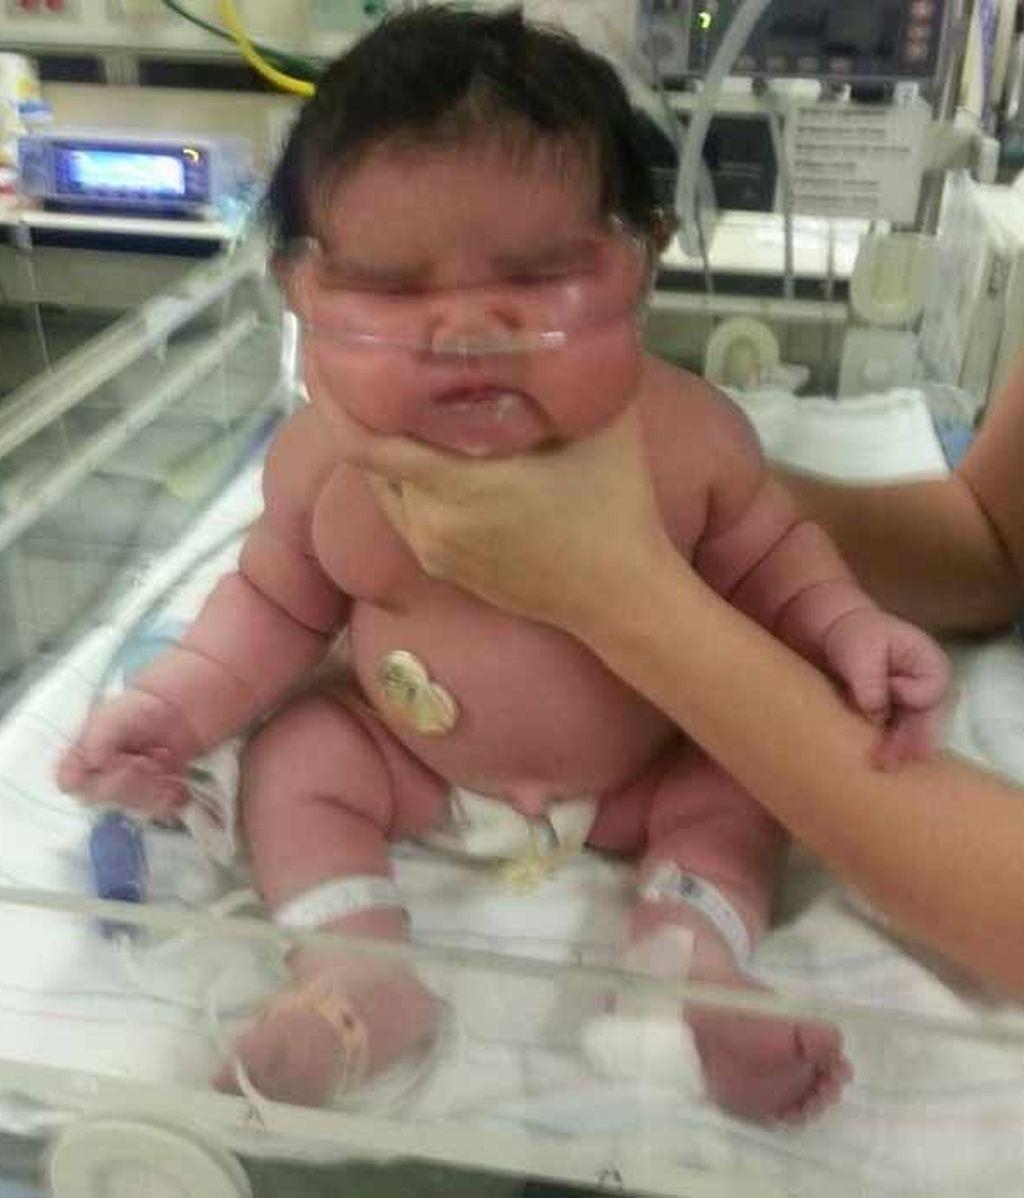 Nace una bebé de 6,2 kilos en un hospital de Estados Unidos